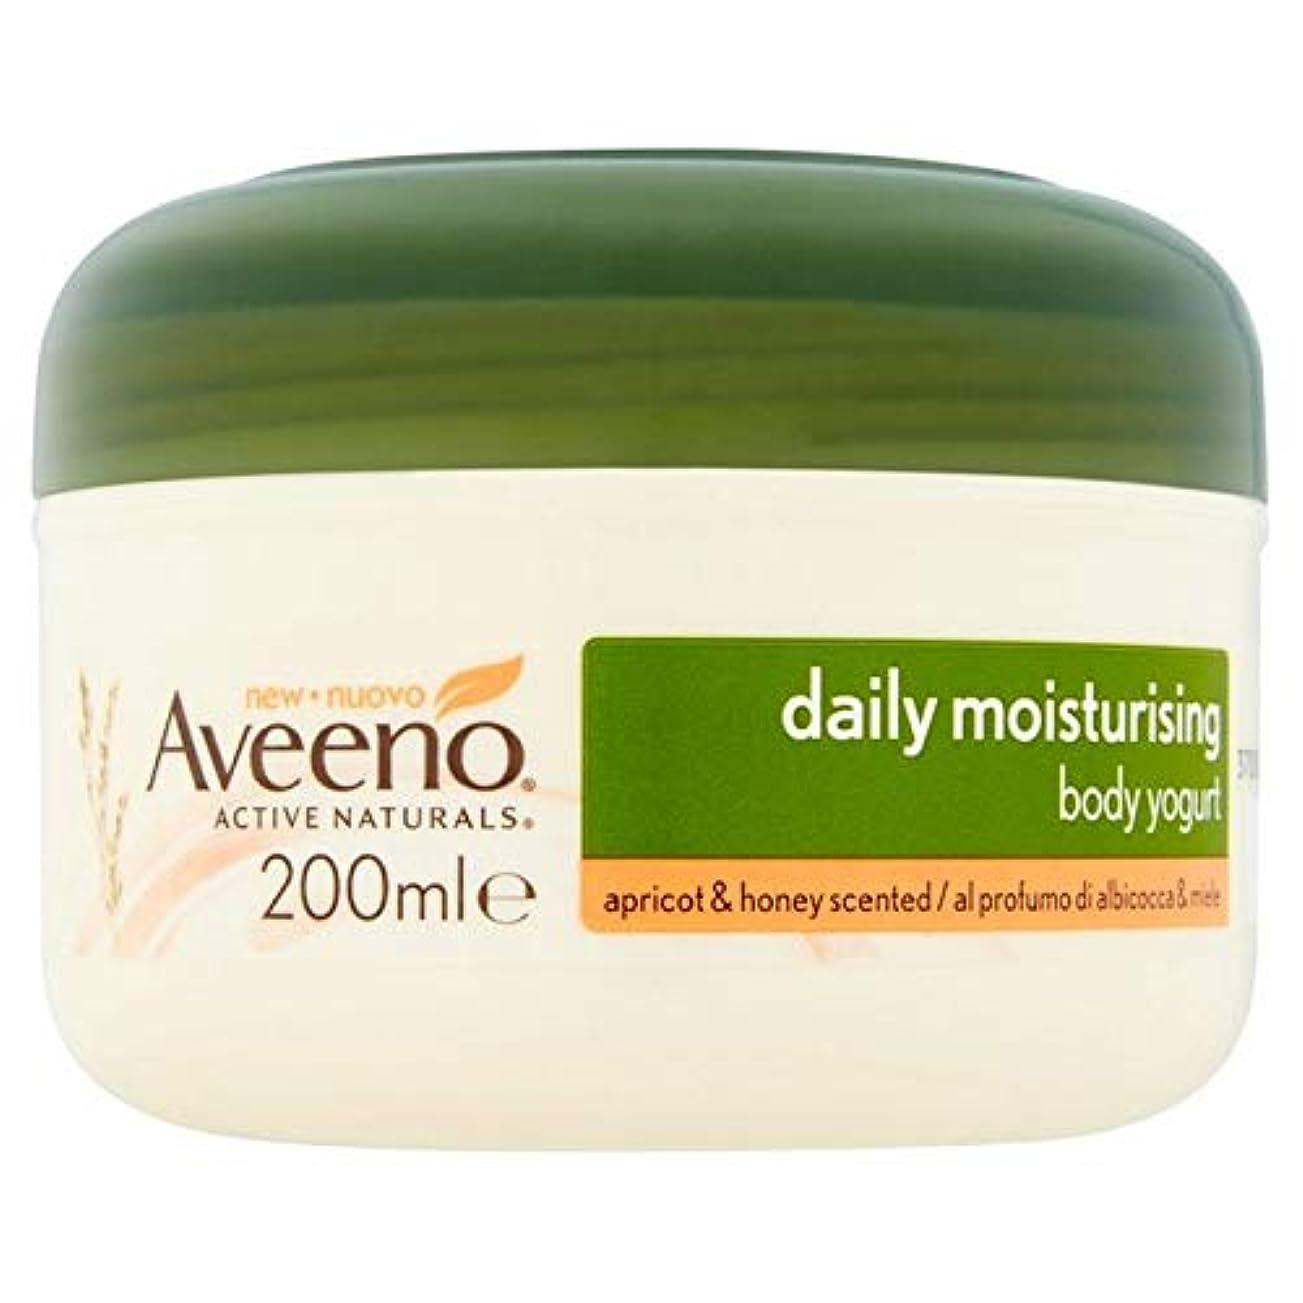 信念すみません写真を撮る[Aveeno] Aveeno毎日保湿ボディヨーグルトアプリコット&ハニー200ミリリットル - Aveeno Daily Moisturising Body Yogurts Apricot & Honey 200ml...